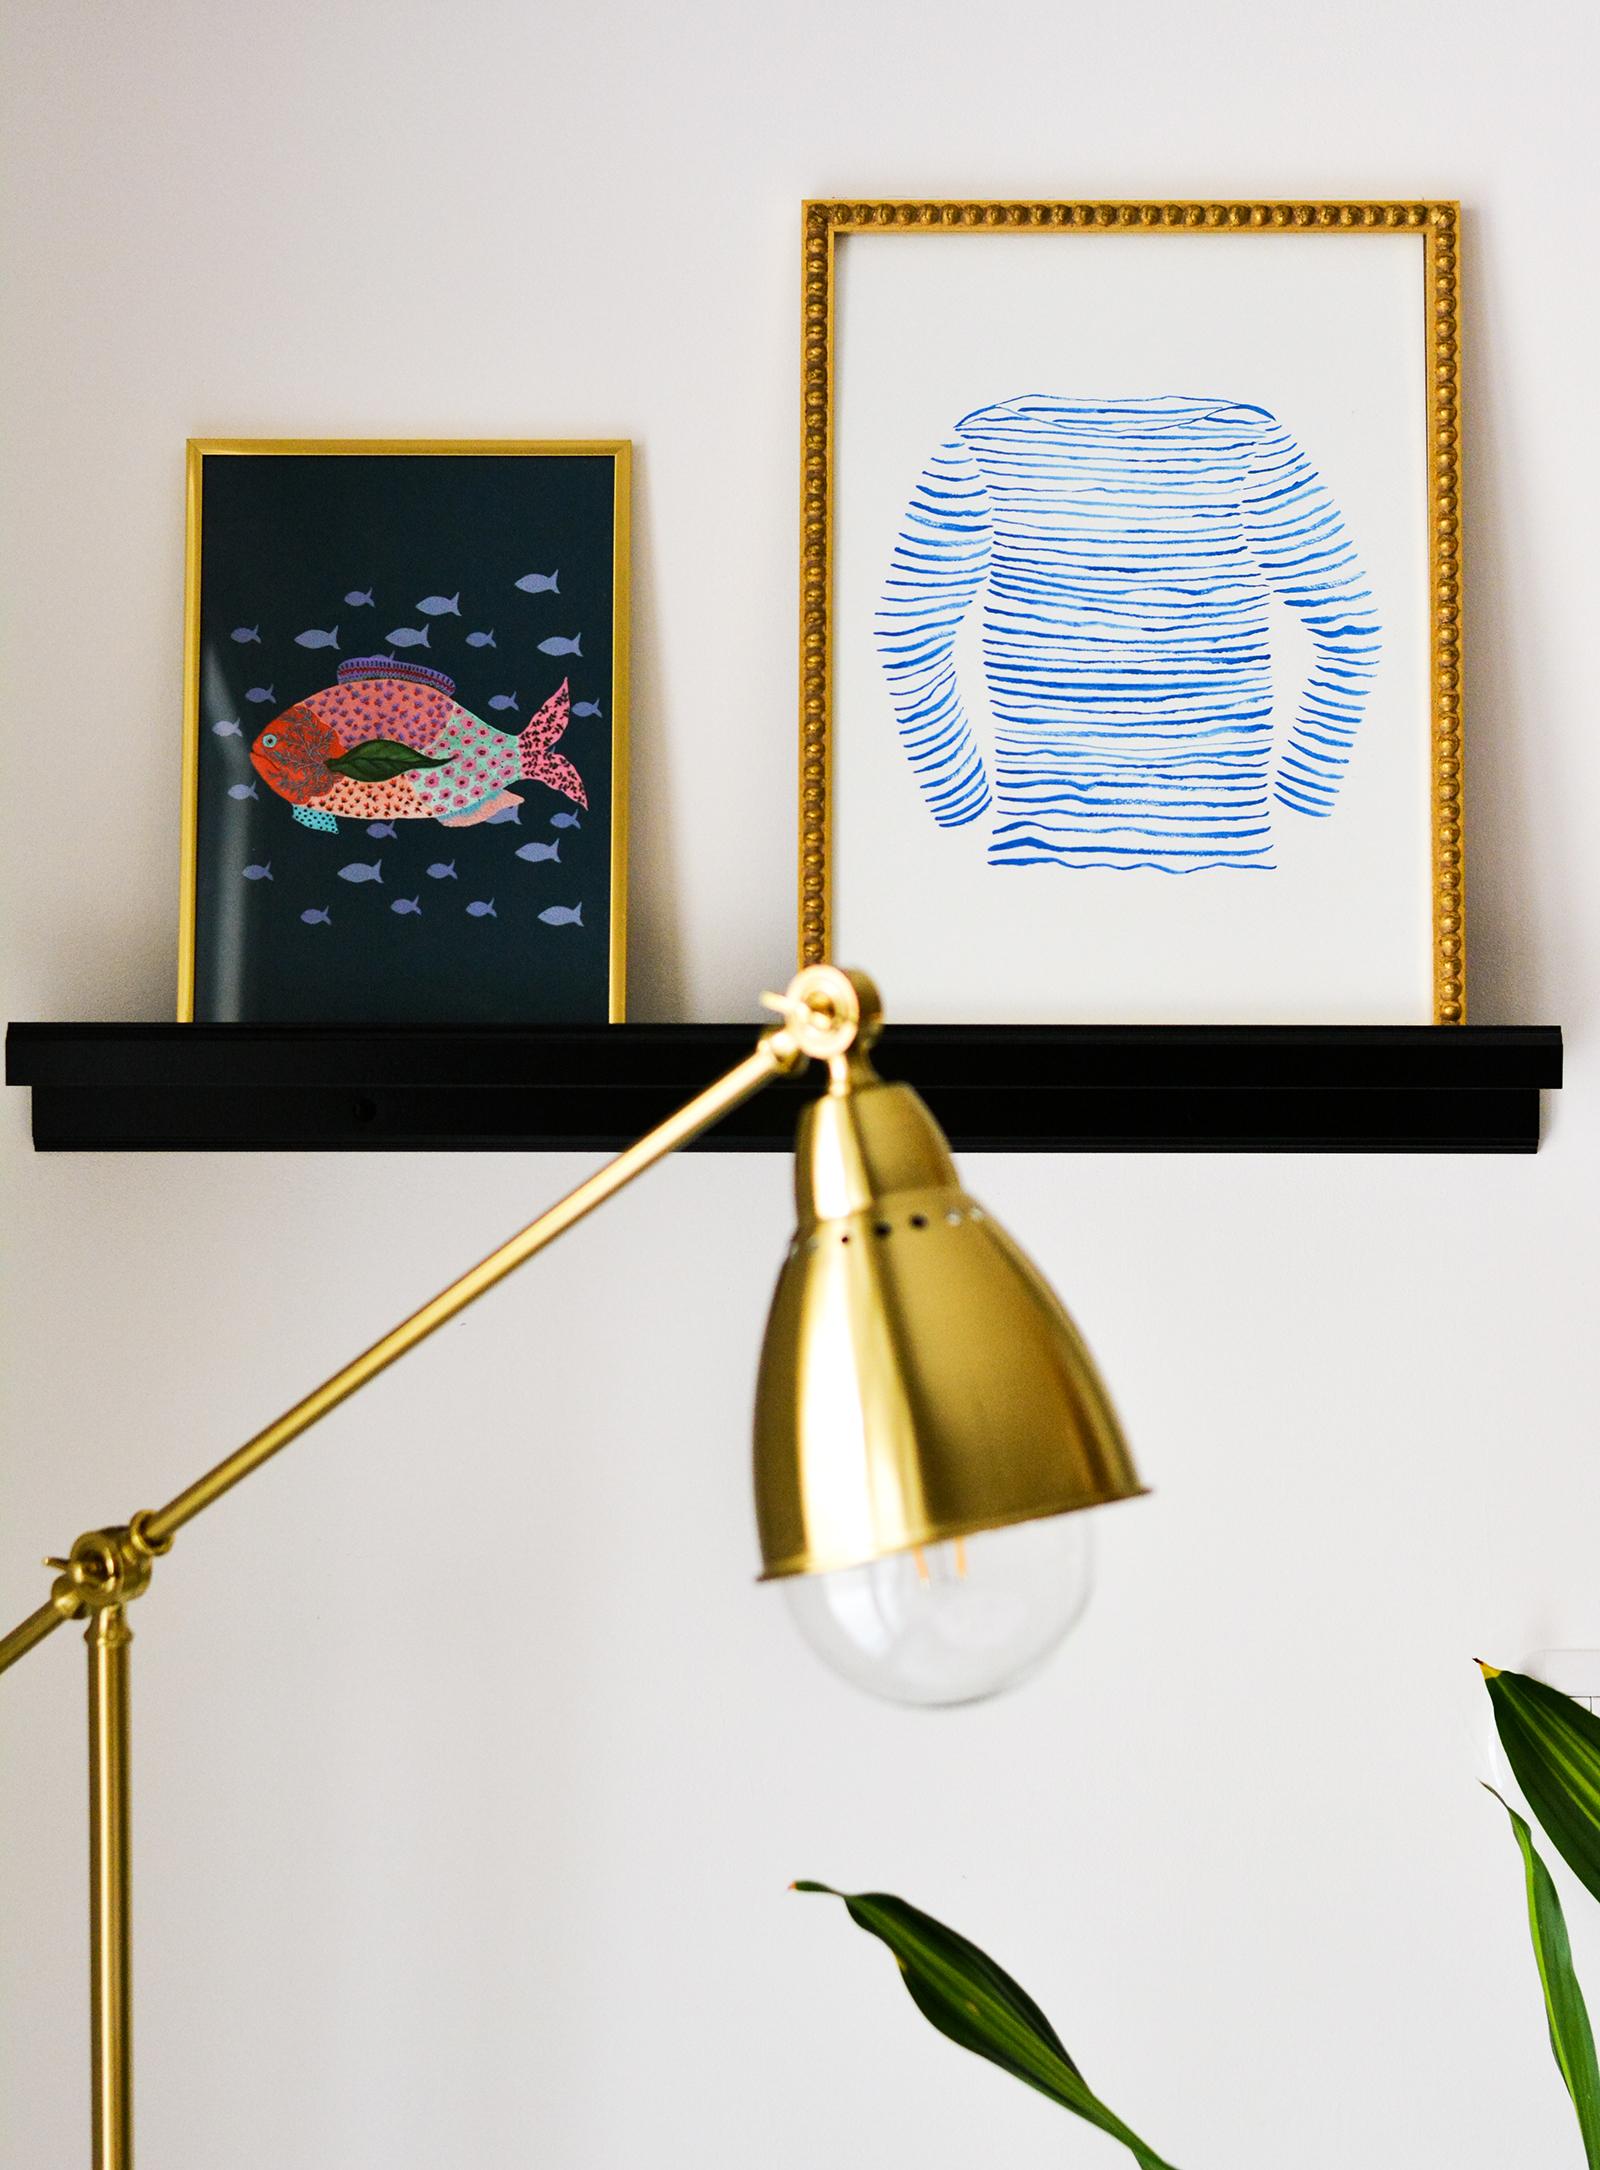 Atelier Mave Stripes shirt_.jpg